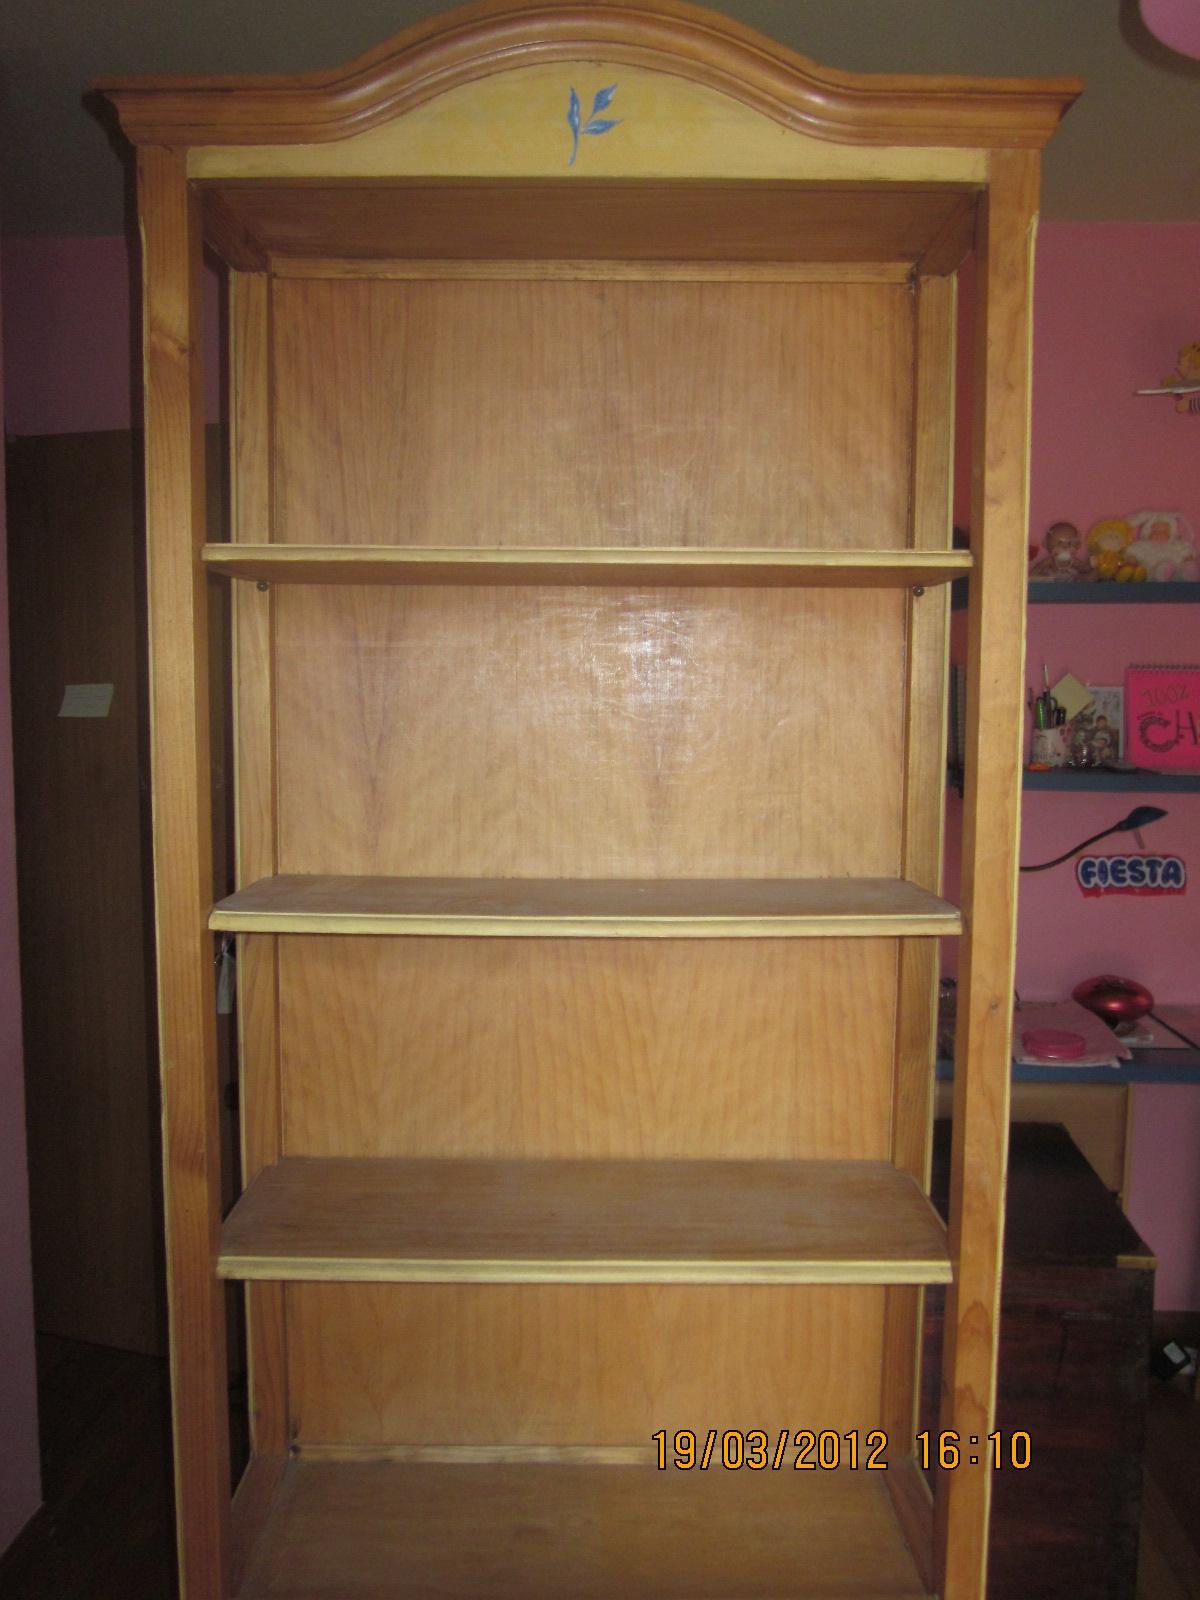 Segundasmanos estanteria y comoda habitacion infantil for Estanterias habitacion infantil